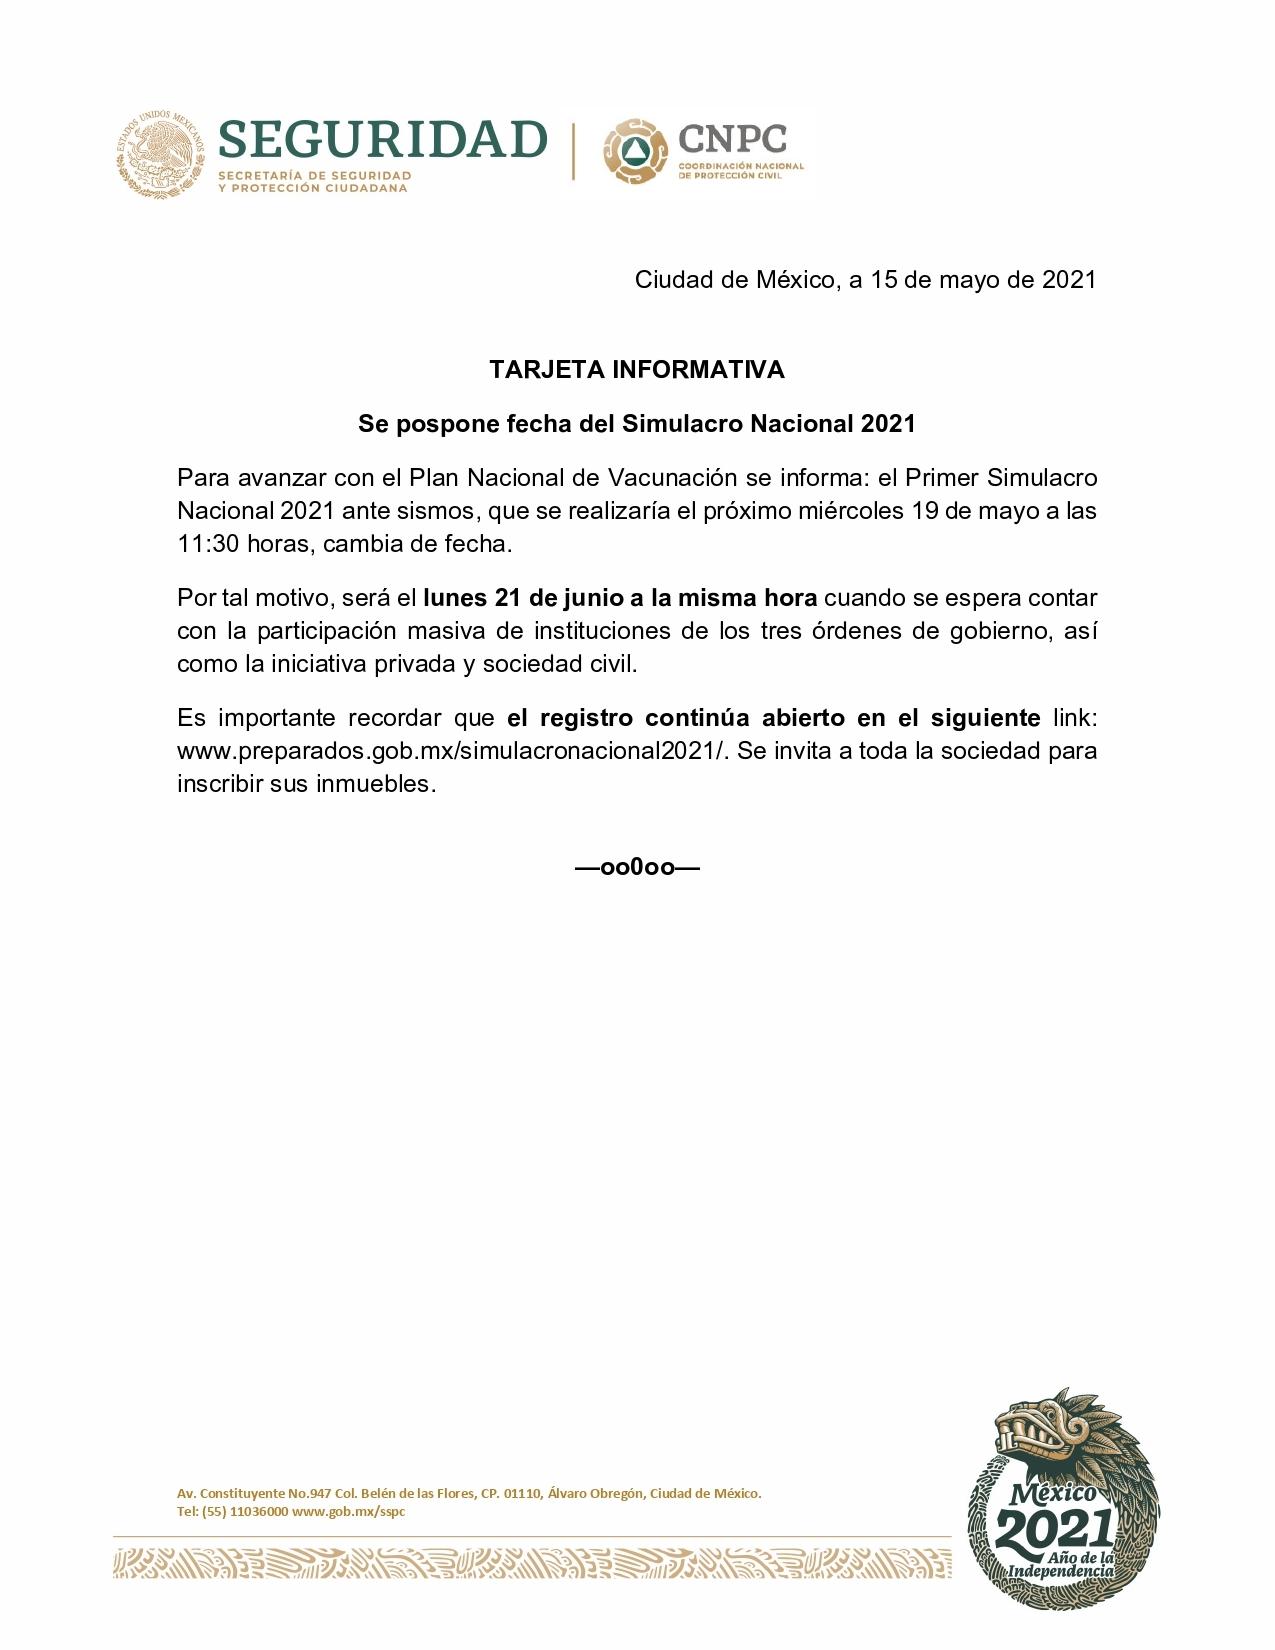 CAMBIÓ DE FECHA EL 1ER MACRO SIMULACRO NACIONAL 2021